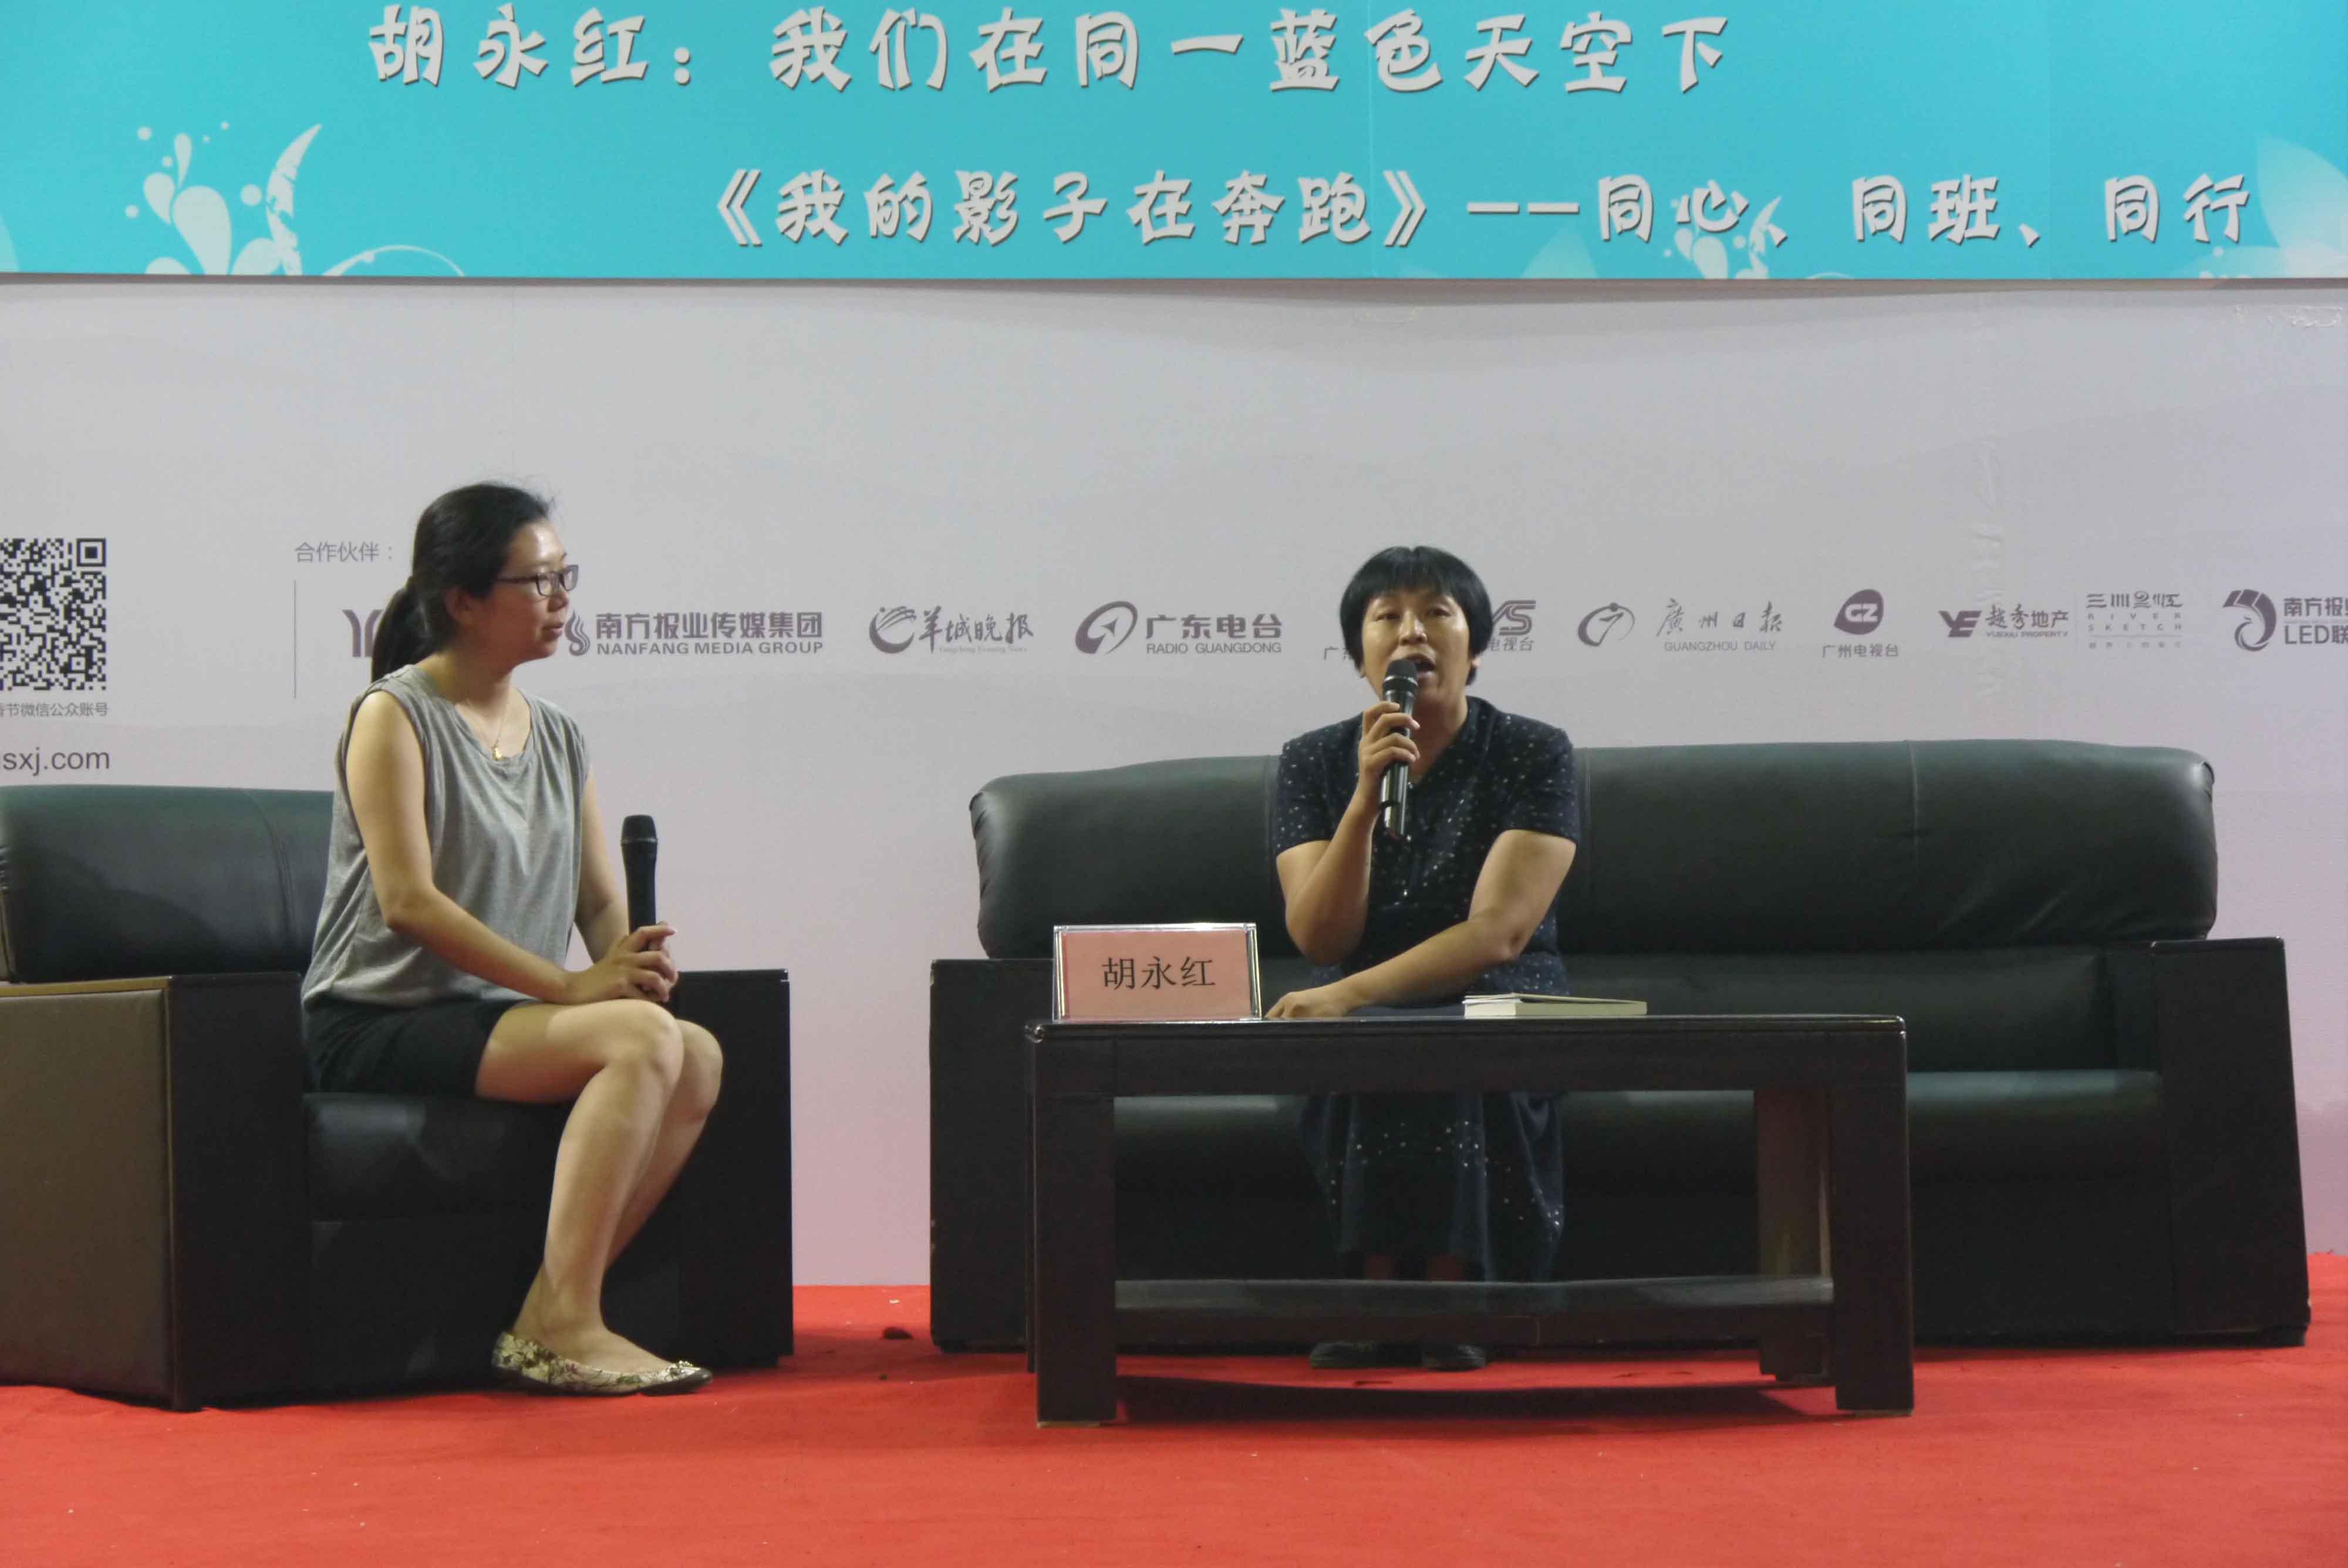 胡永红:我们在同一蓝色天空下